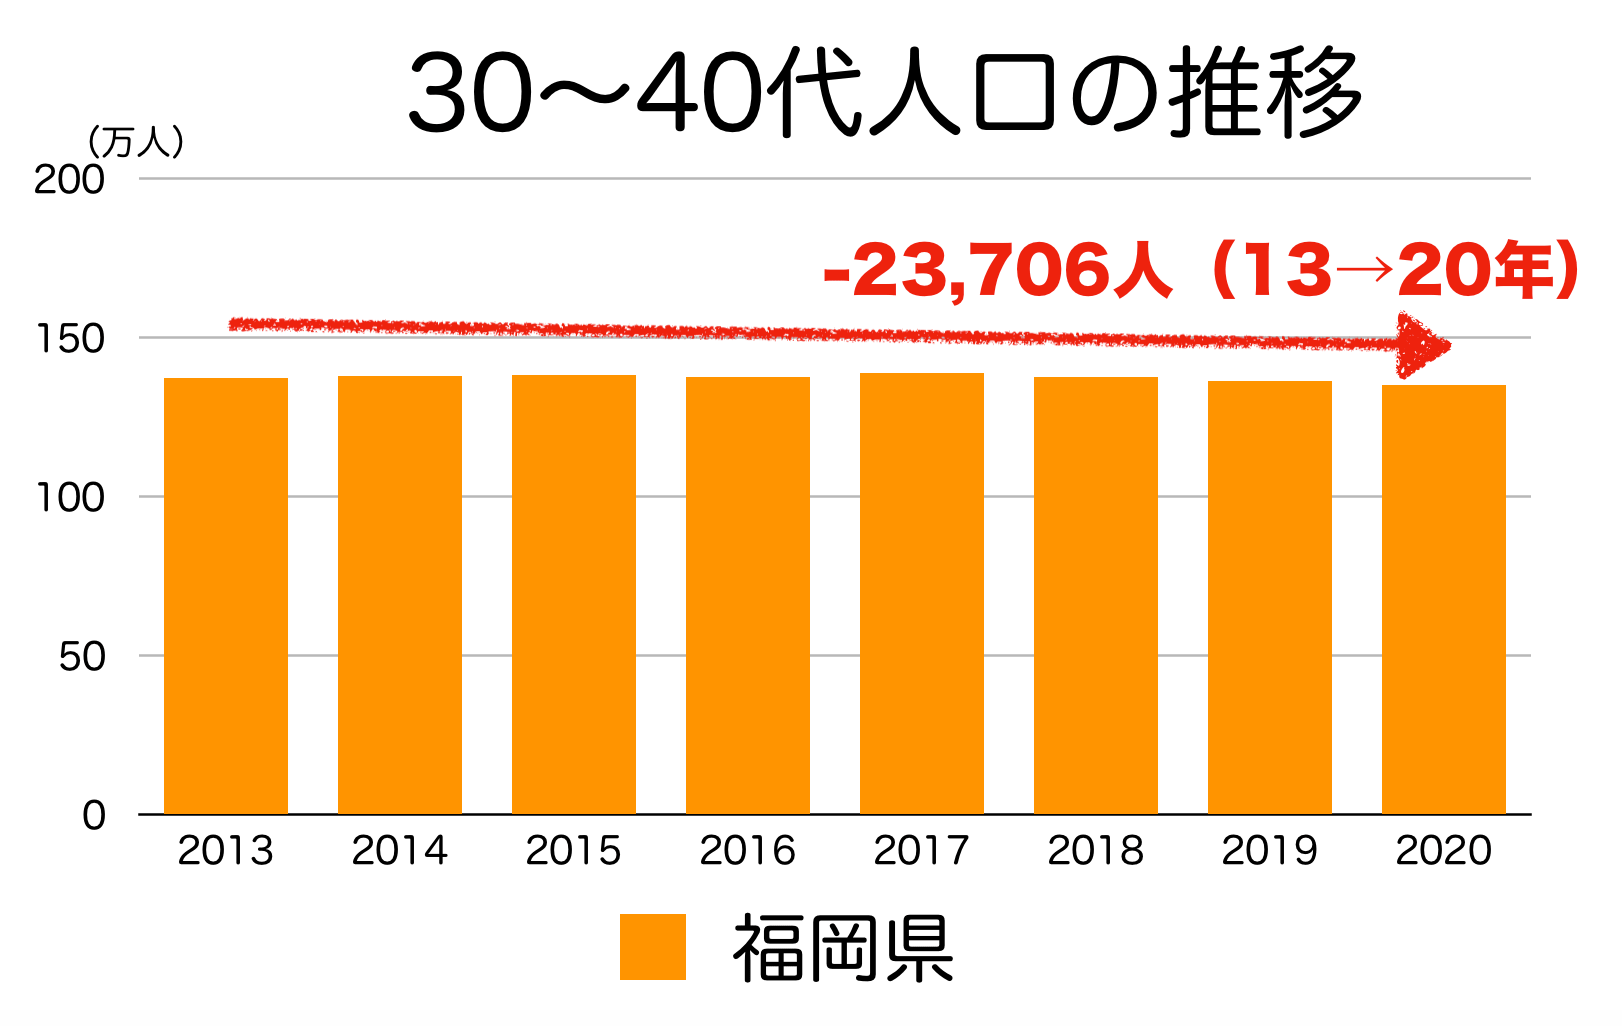 福岡県の30〜40代人口の推移